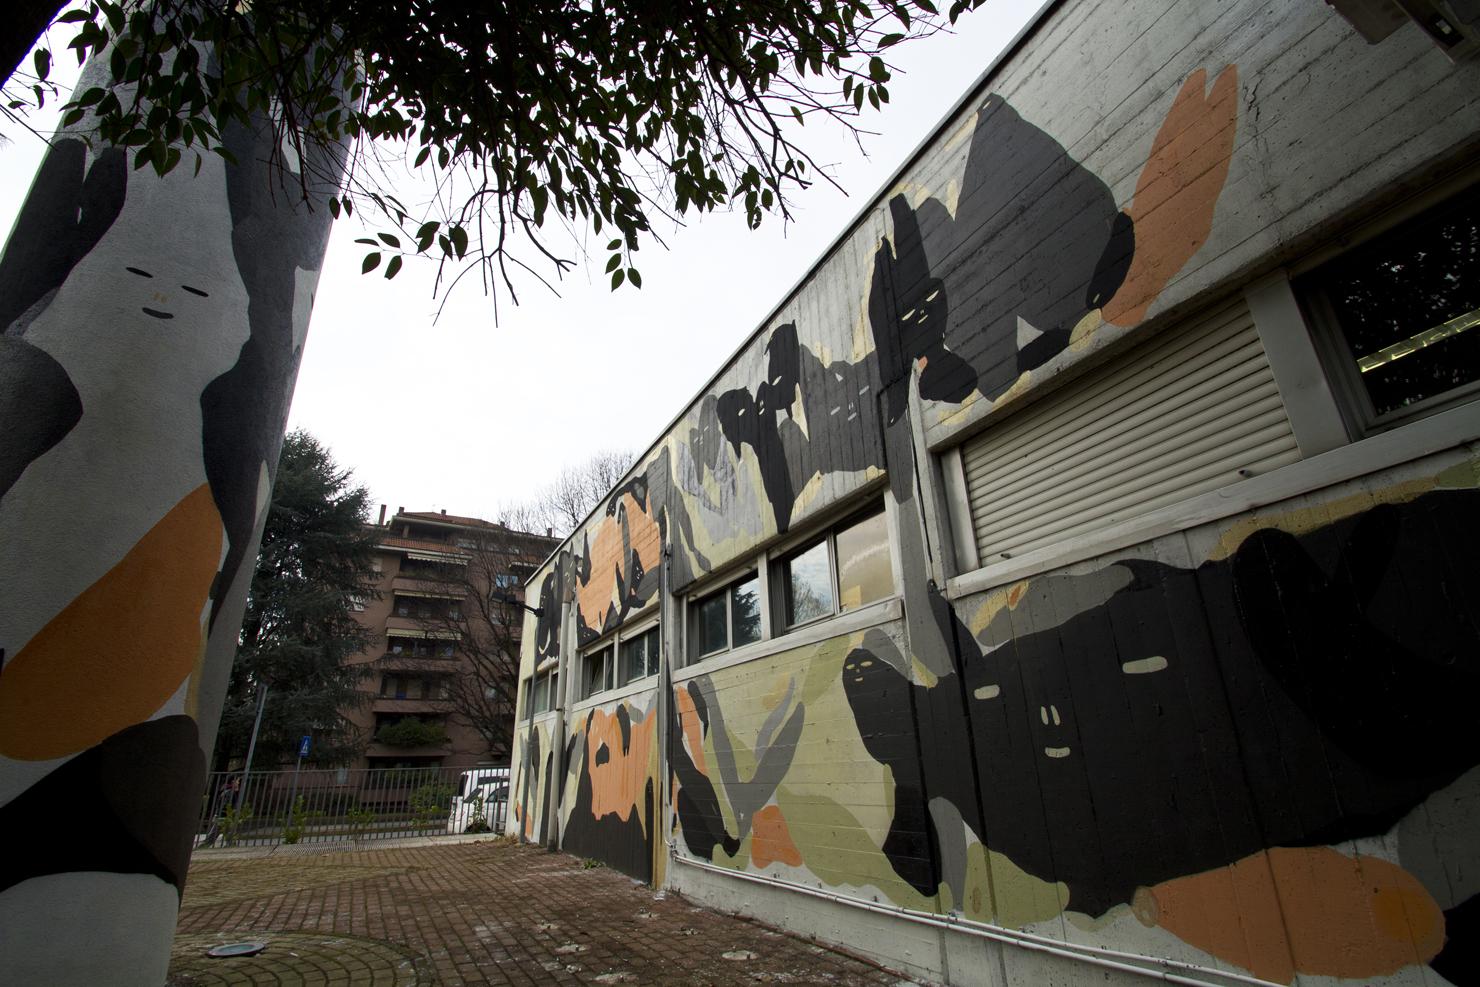 giorgio-bartocci-new-mural-in-monza-07